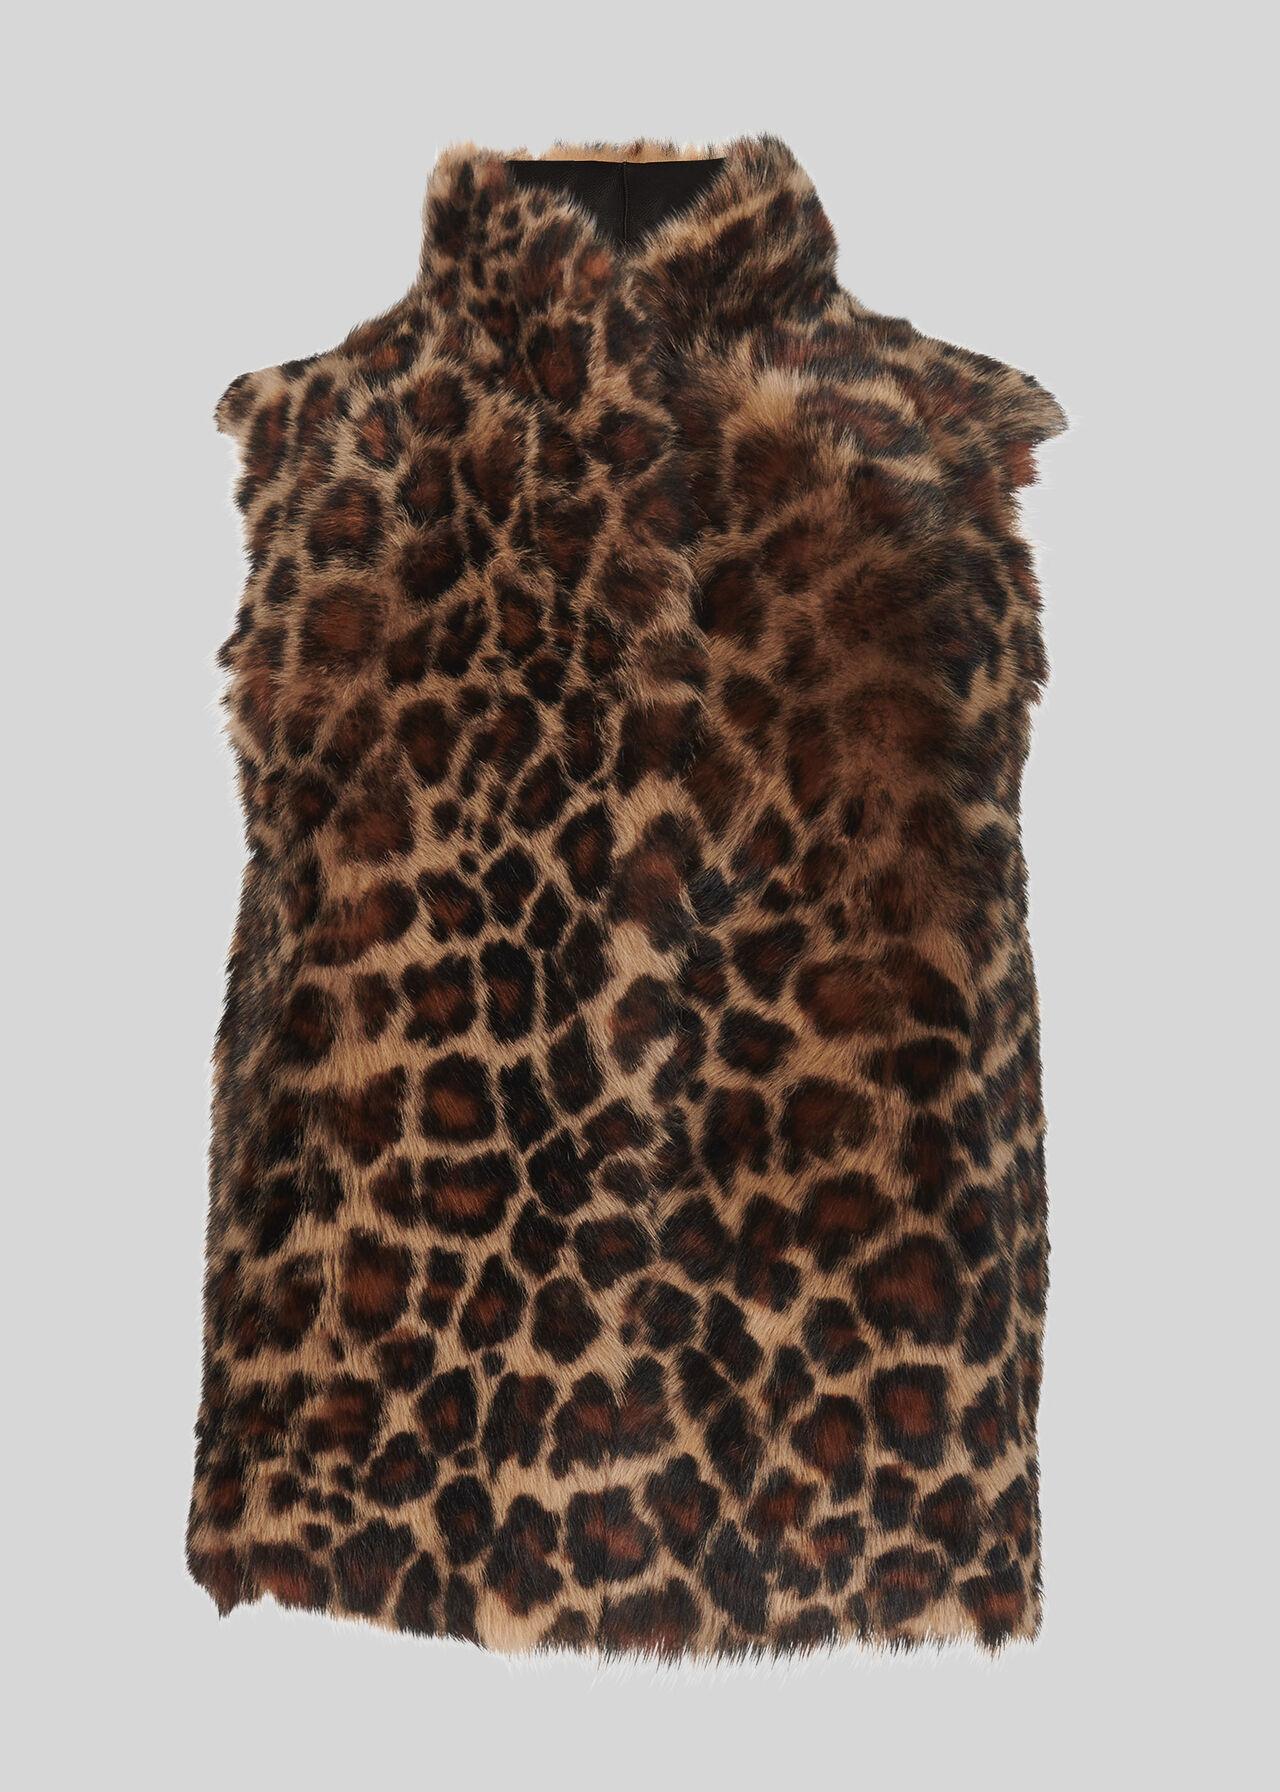 Toscana Animal Sheepskin Gilet Leopard Print